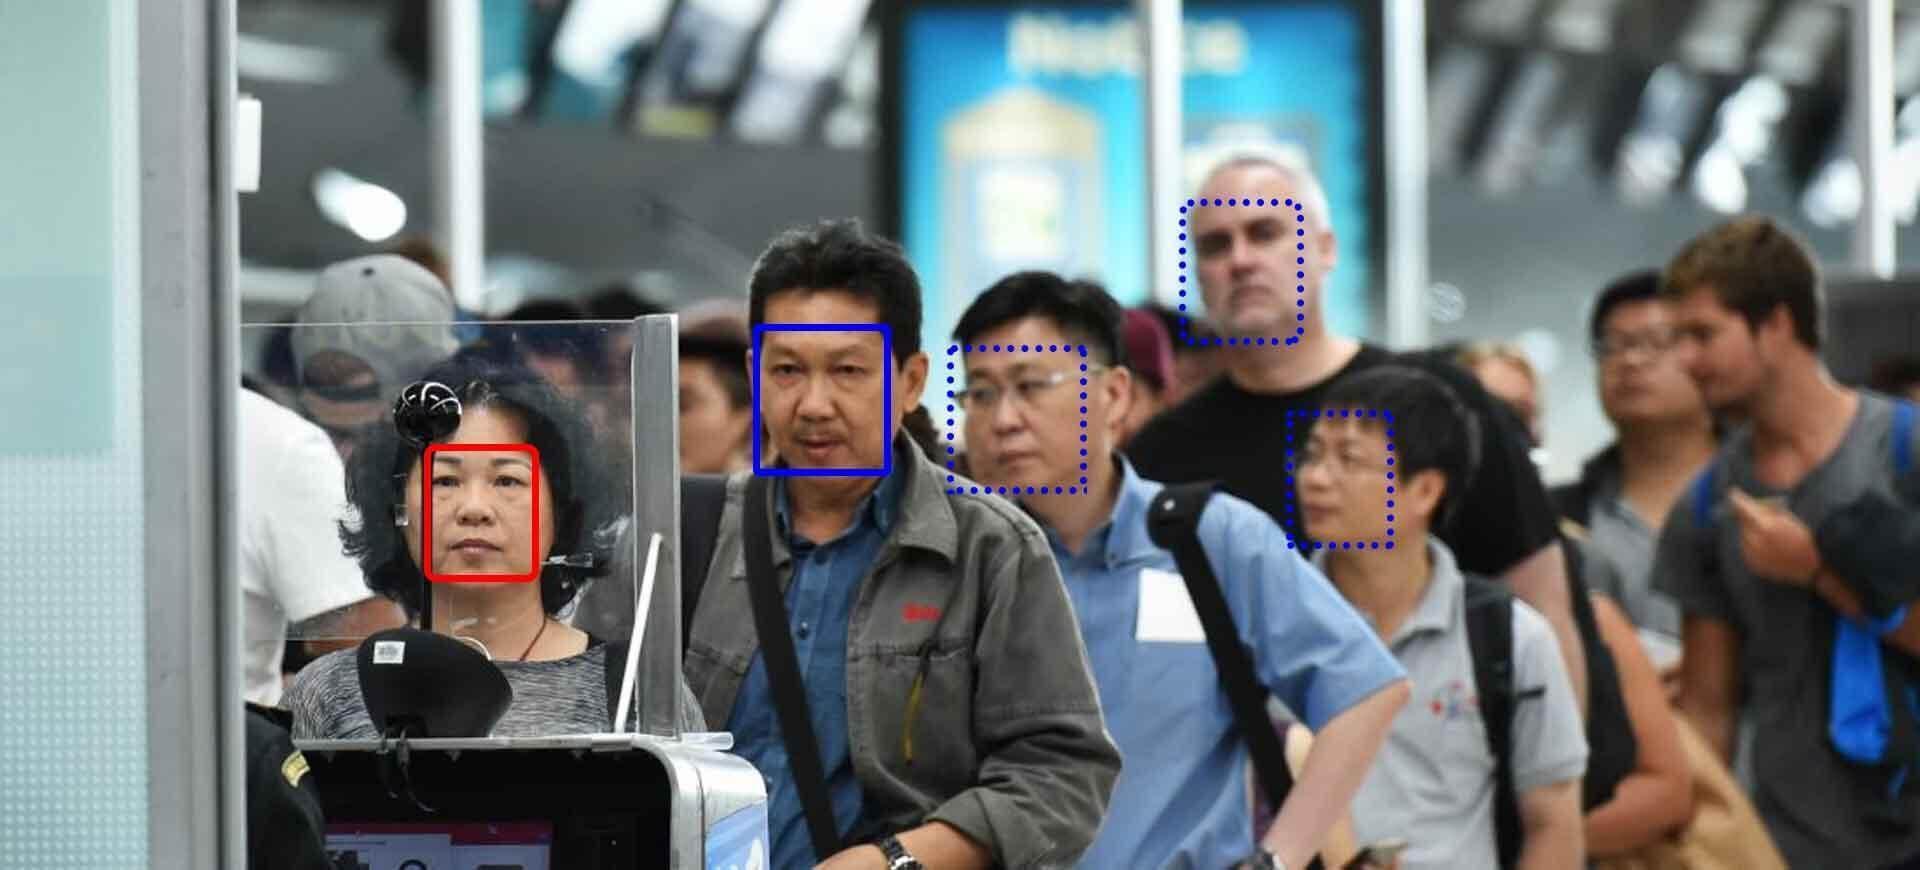 刷臉時代來臨,深度解析人臉識別技術市場